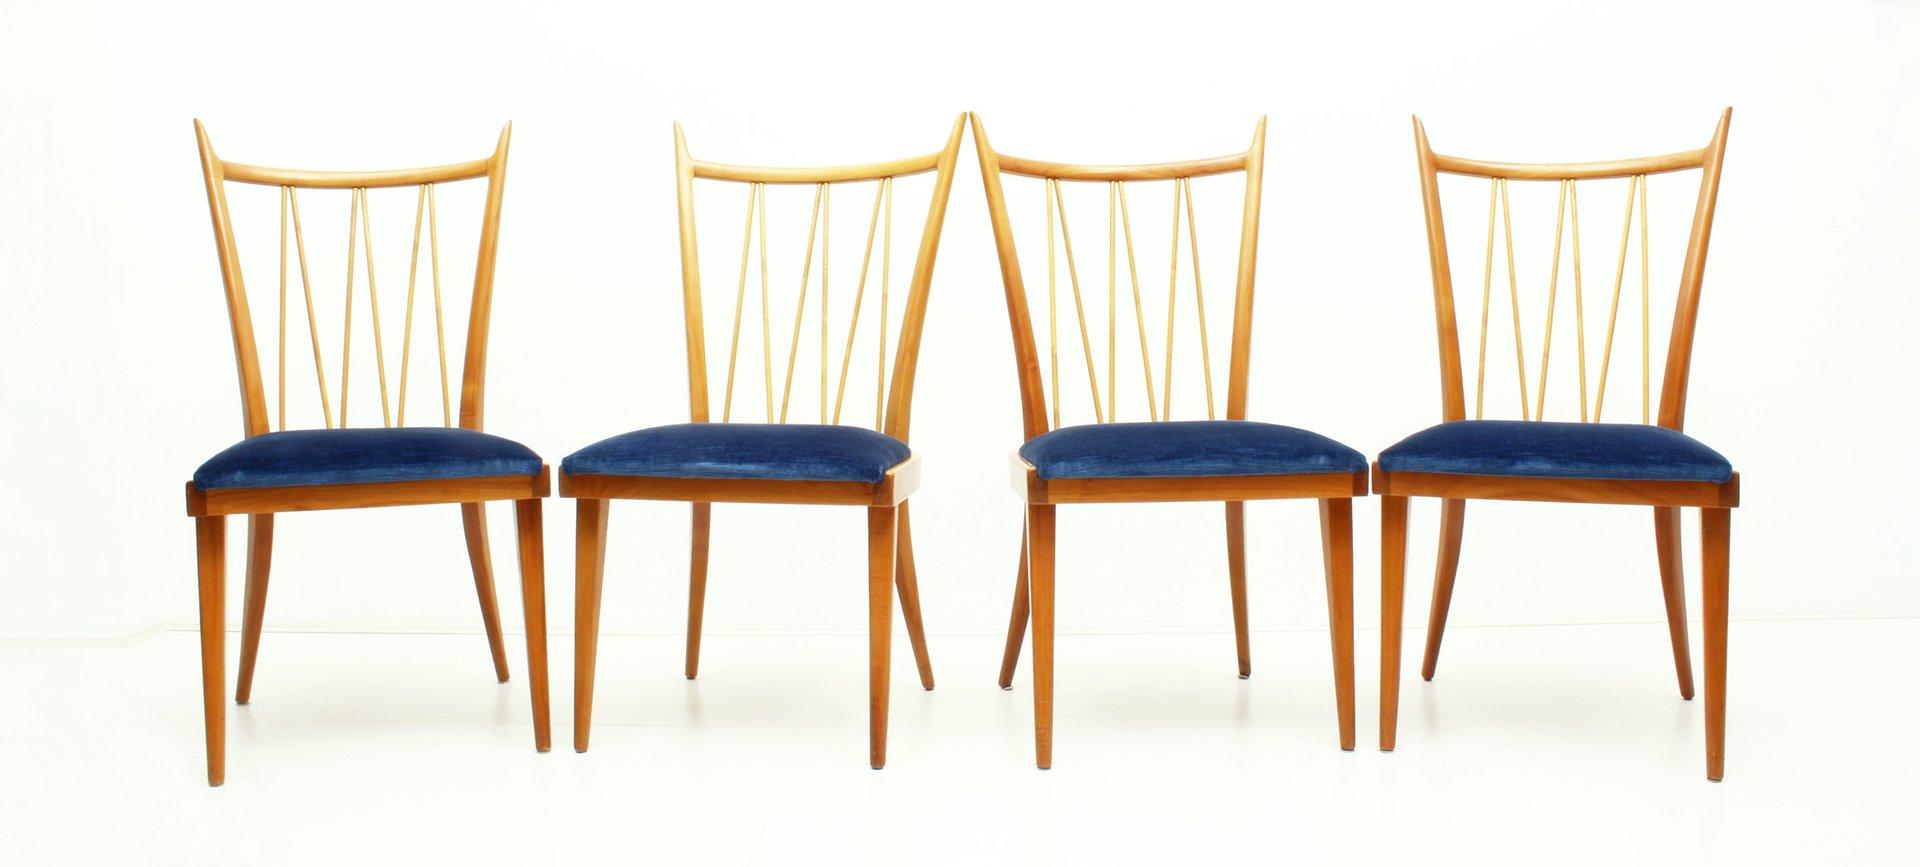 esszimmerst hle aus kirsche samt 1950er 4er set bei pamono kaufen. Black Bedroom Furniture Sets. Home Design Ideas